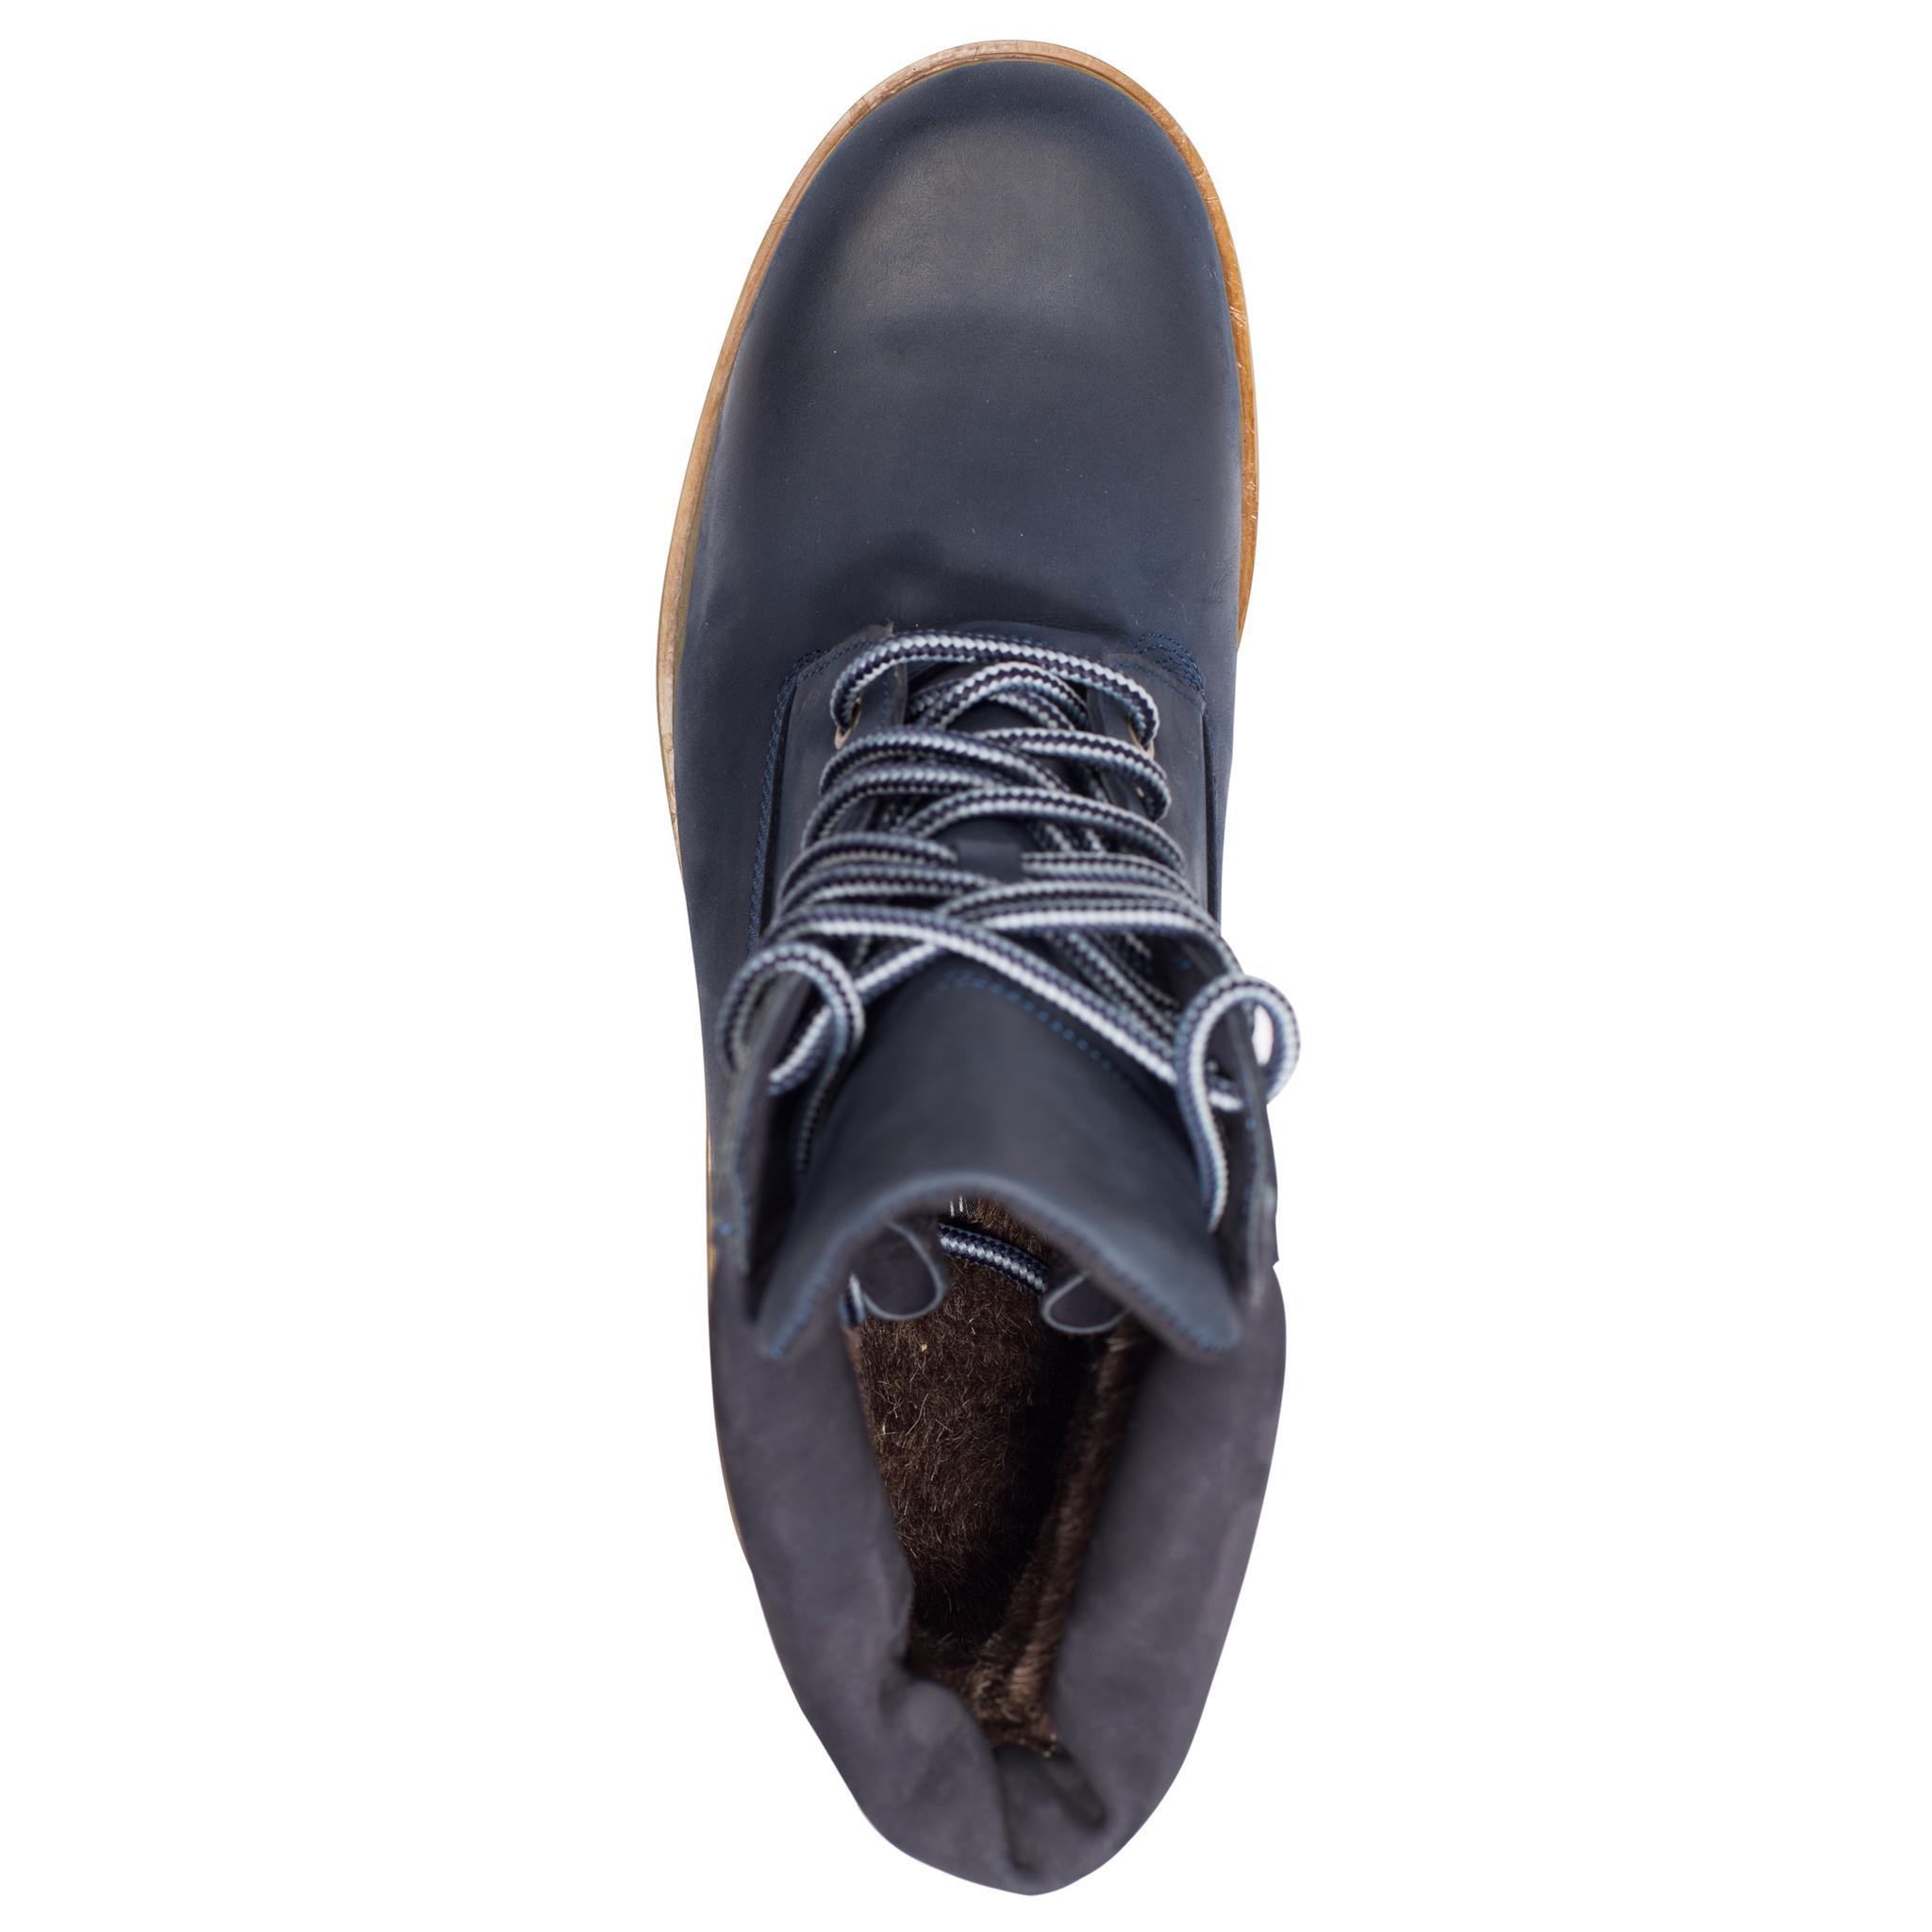 496478 ботинки мужские синие больших размеров марки Делфино